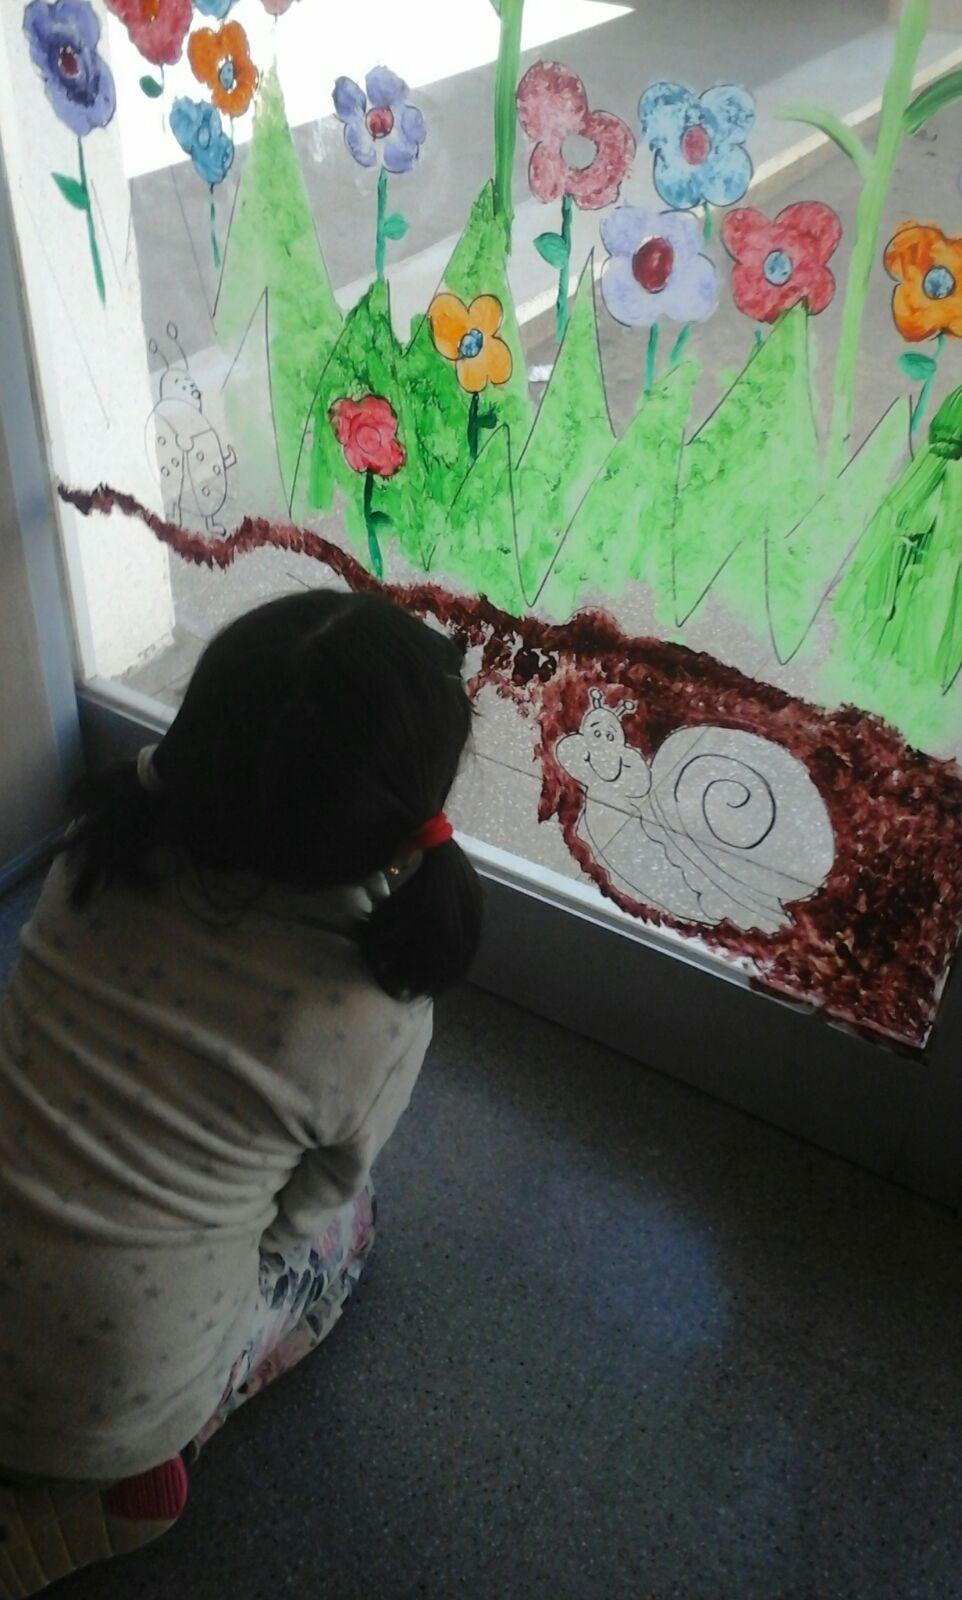 Els nens i nenes de P-3 i P-4 esperen la primavera amb il·lusió i un somriure a la cara perquè pintar els vidres els agrada.